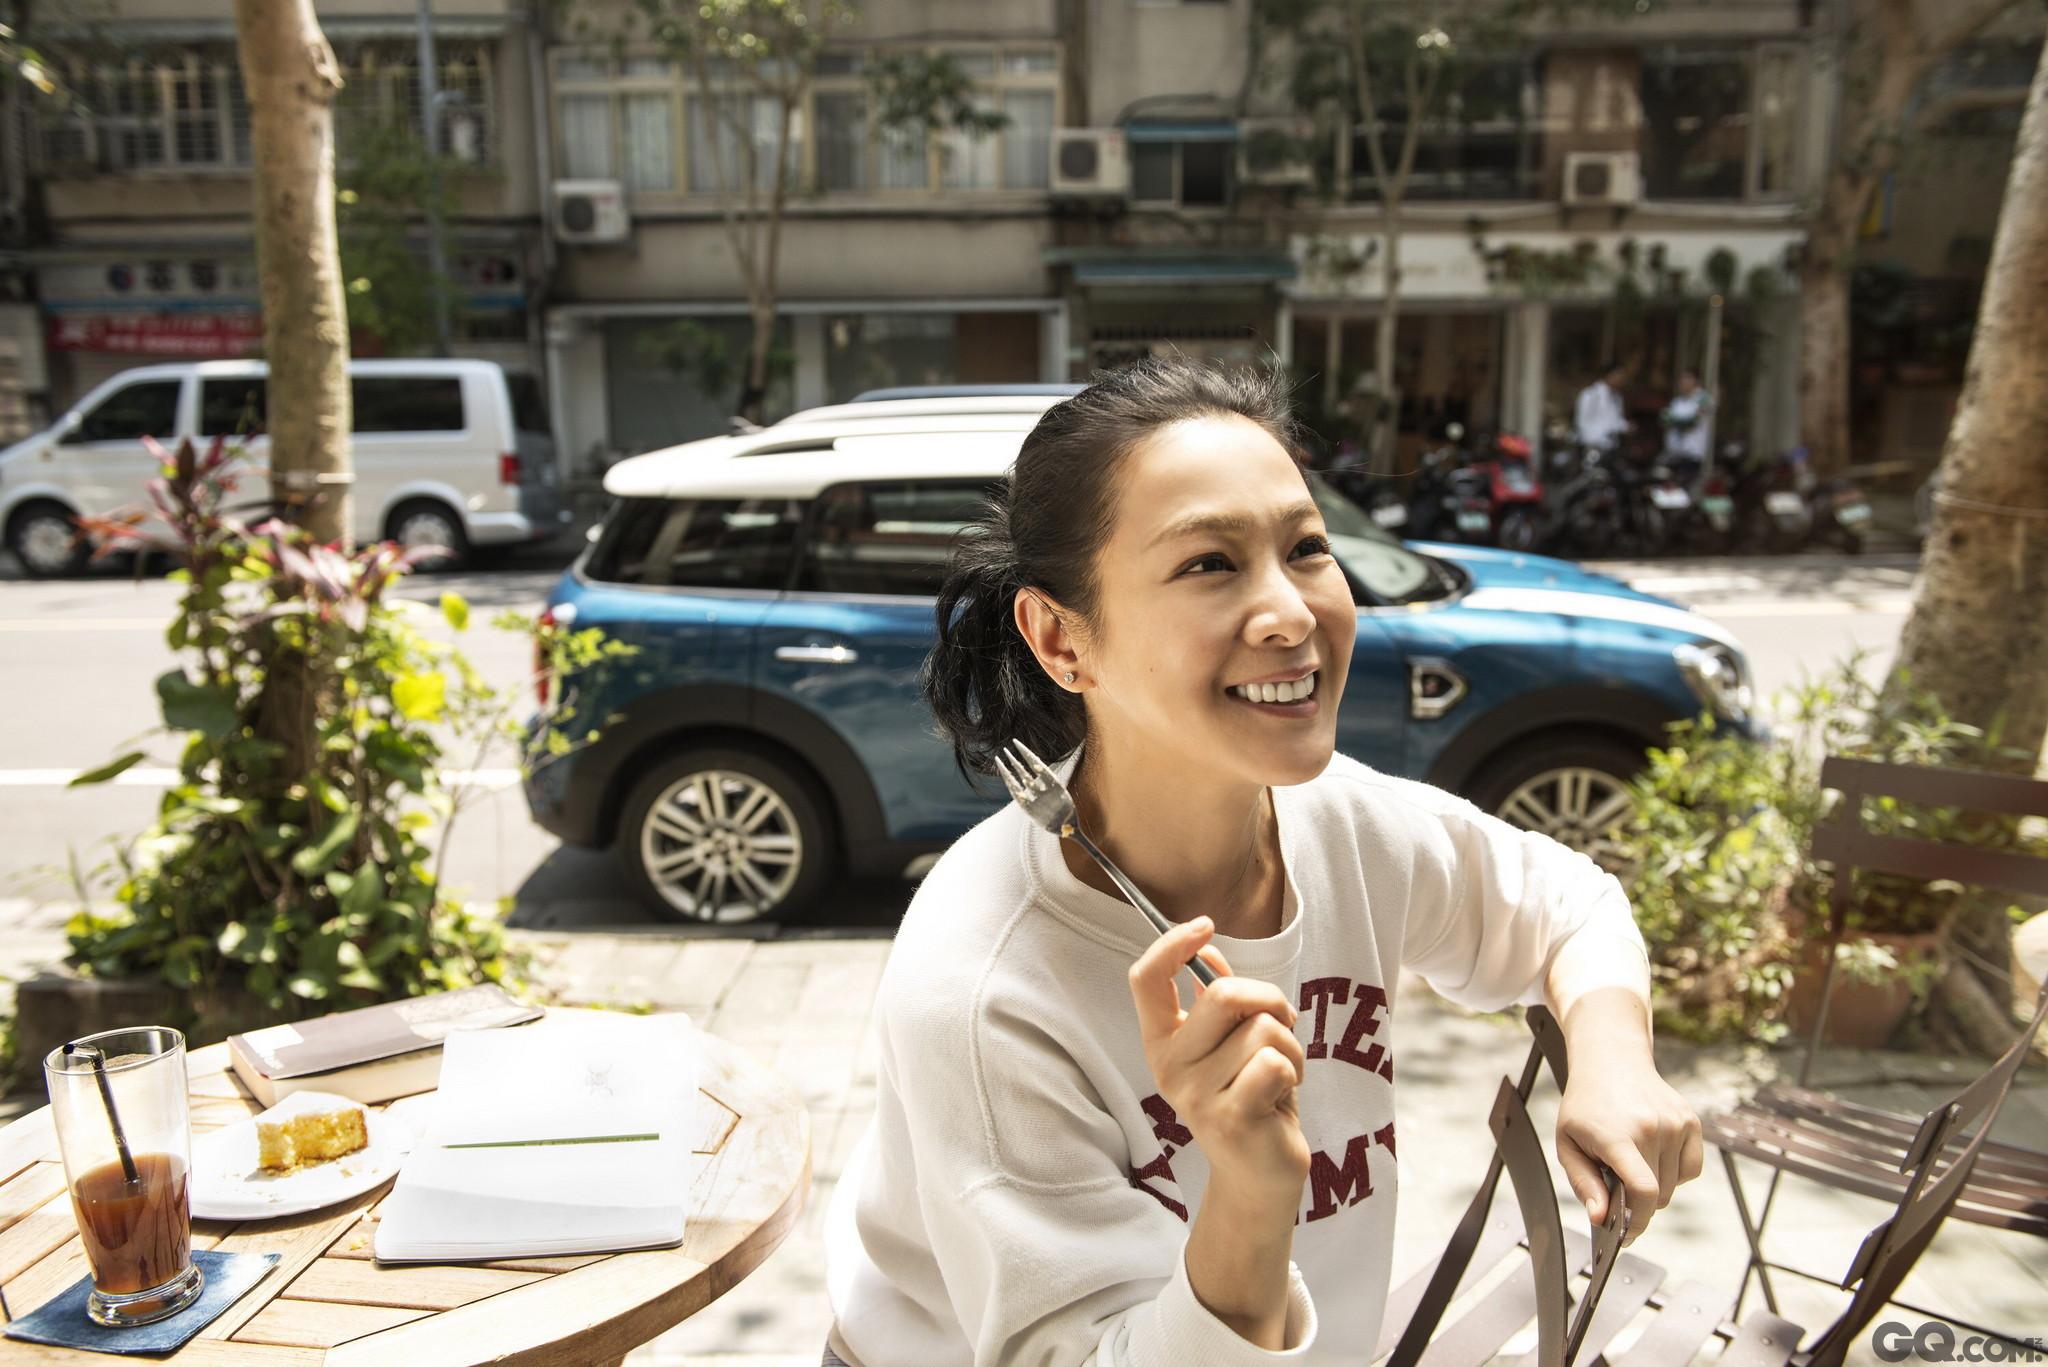 刘若英出道21年,素来给人以文艺恬静、知性低调的感觉,这也是她一直以来的个性及追求,但进入人生新阶段的刘若英并没有停下脚步,新专辑、演唱会、新书都获得了不俗的成绩。